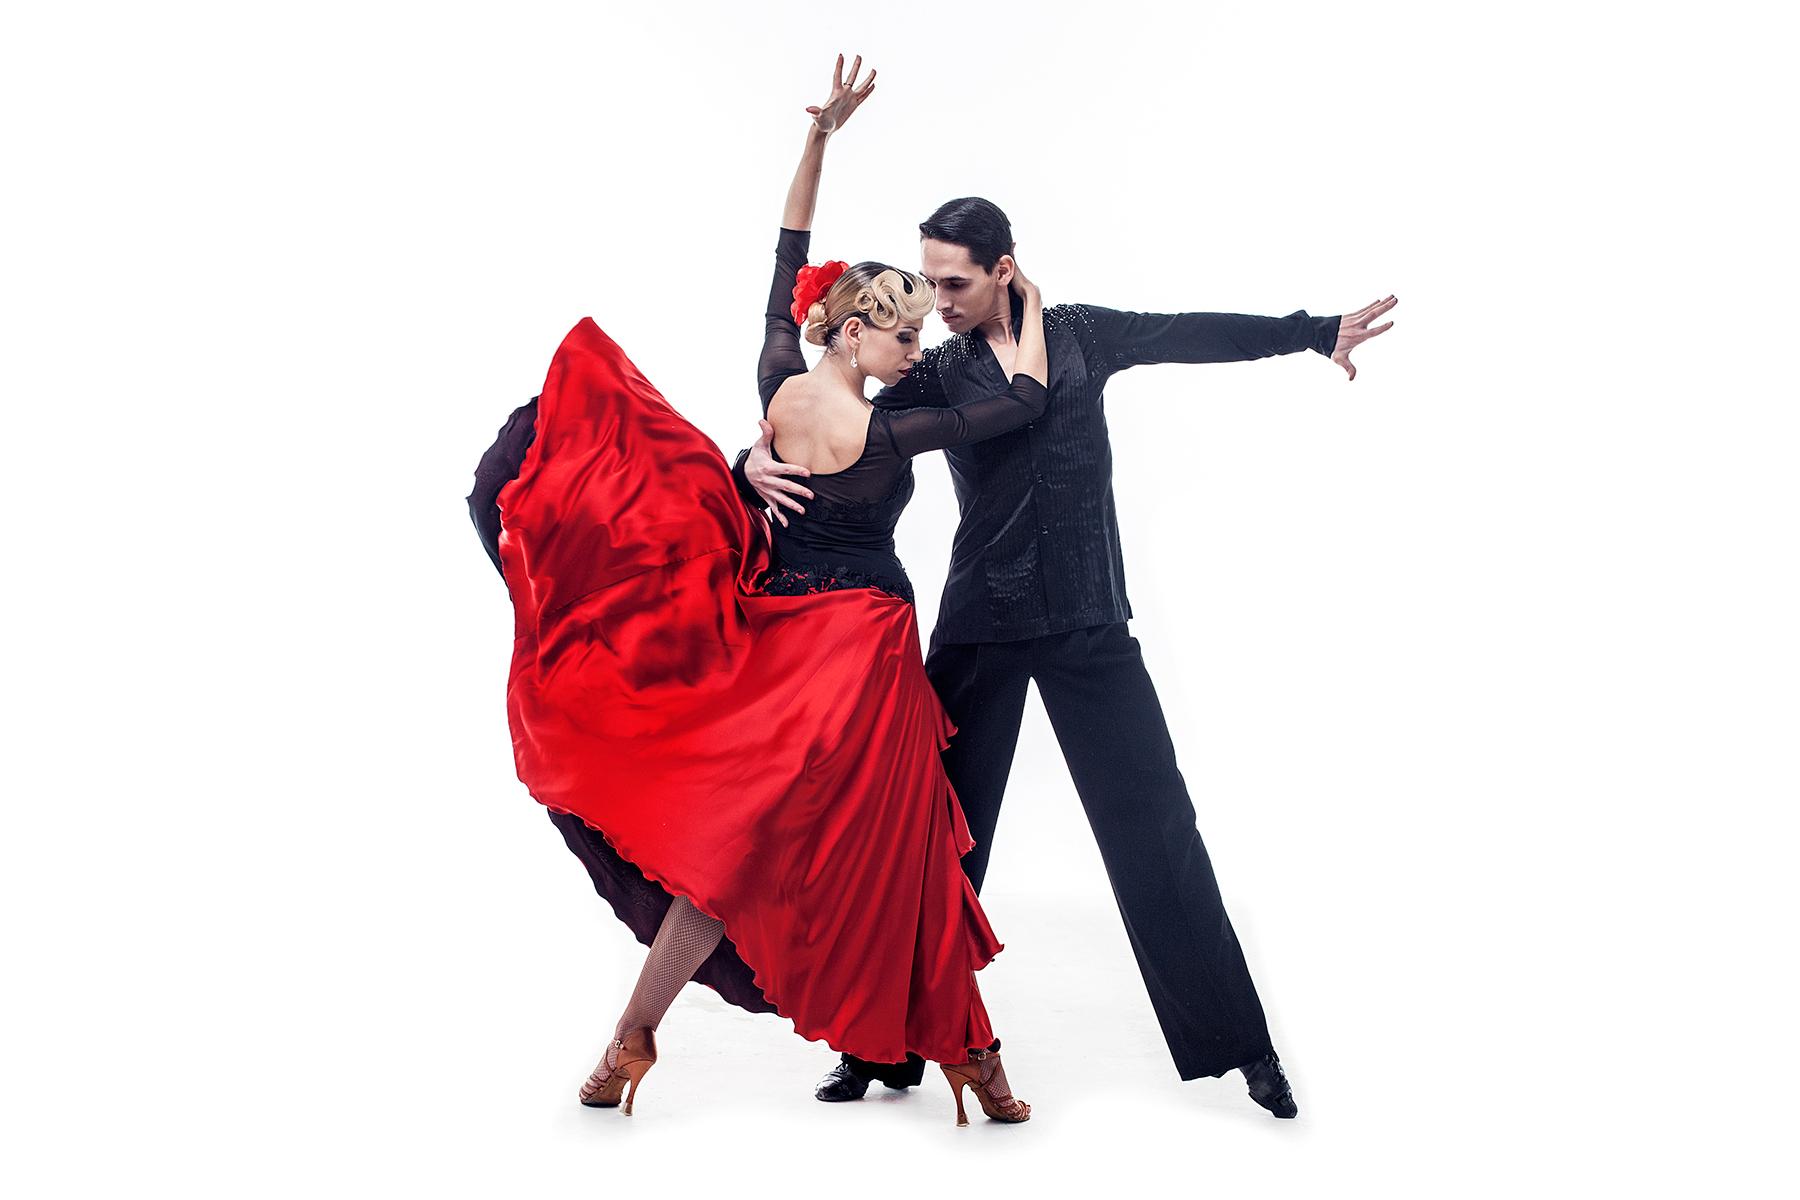 картинки танца бального танца тогда производители